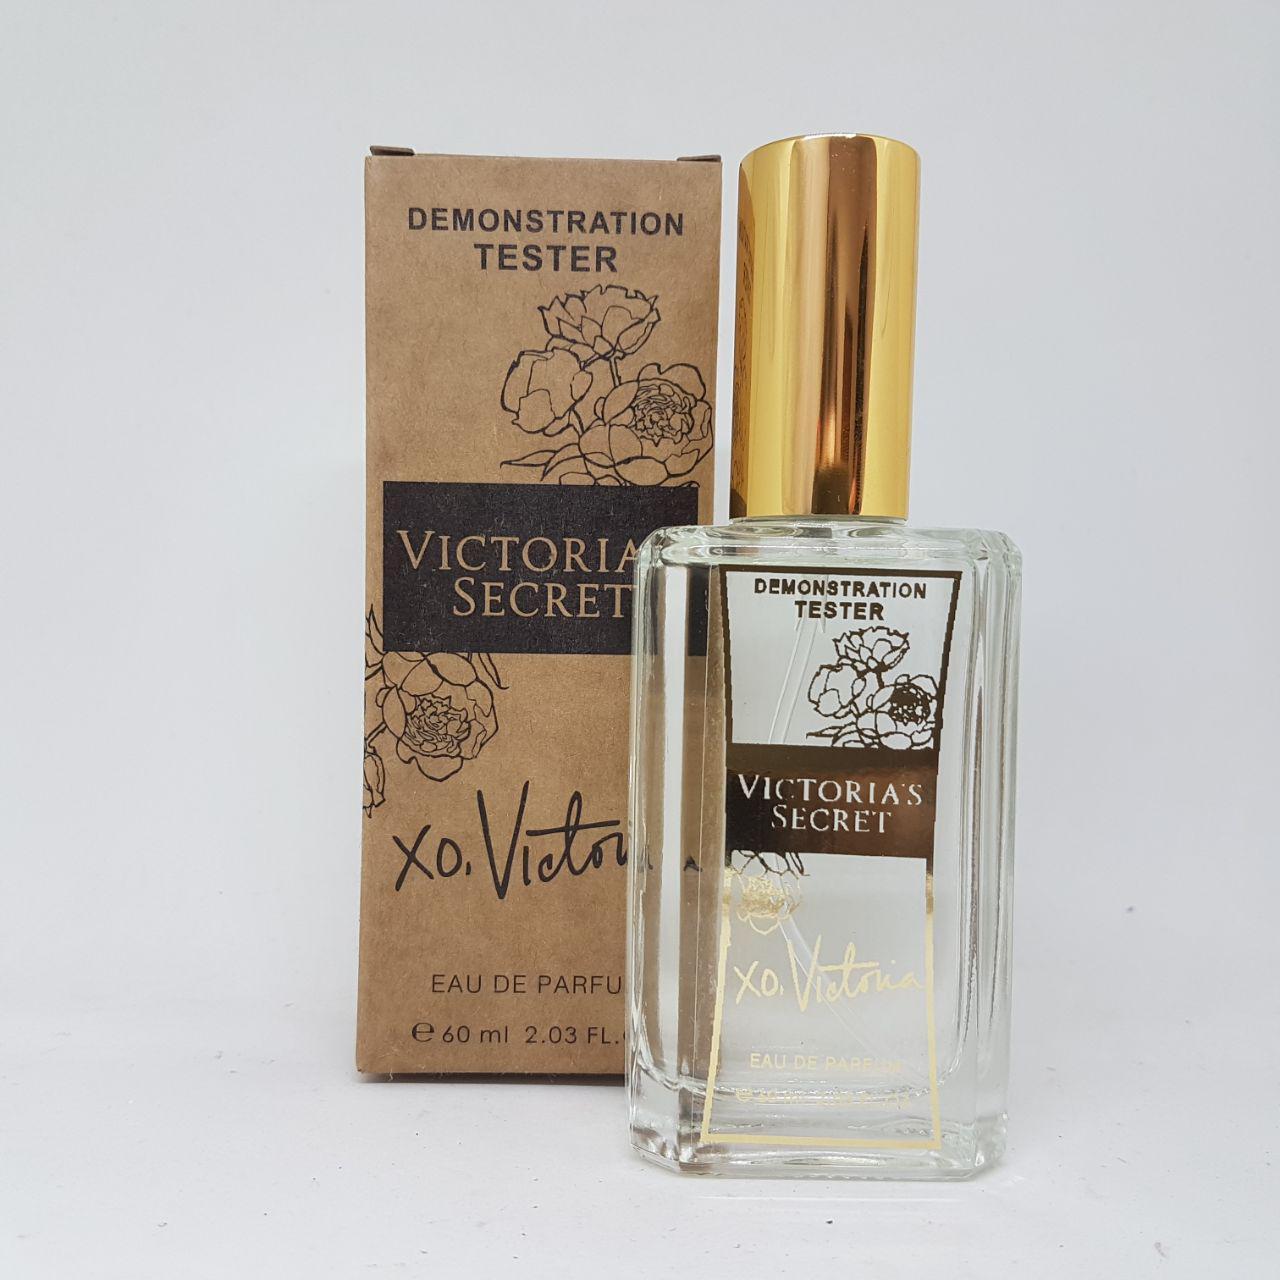 Victoria`s Secret XO Victoria - Brown Tester 60ml